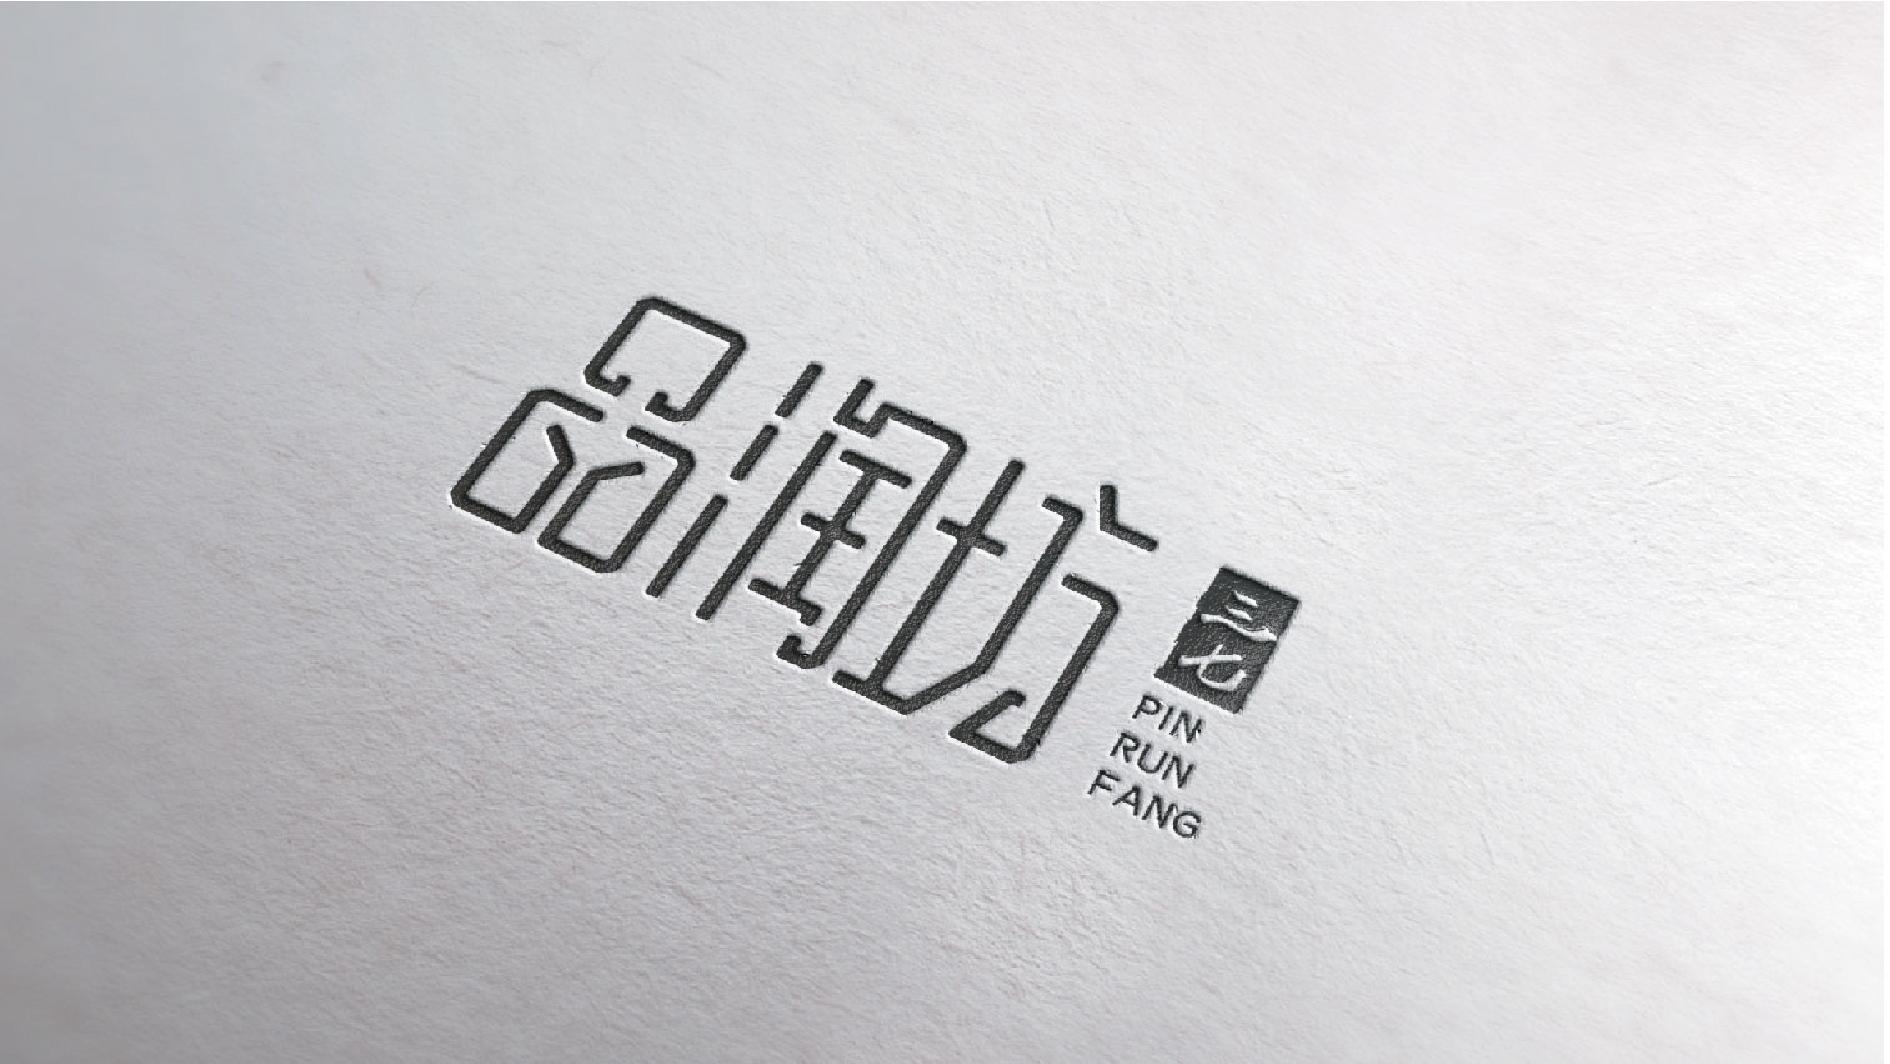 品润坊-品润坊-06